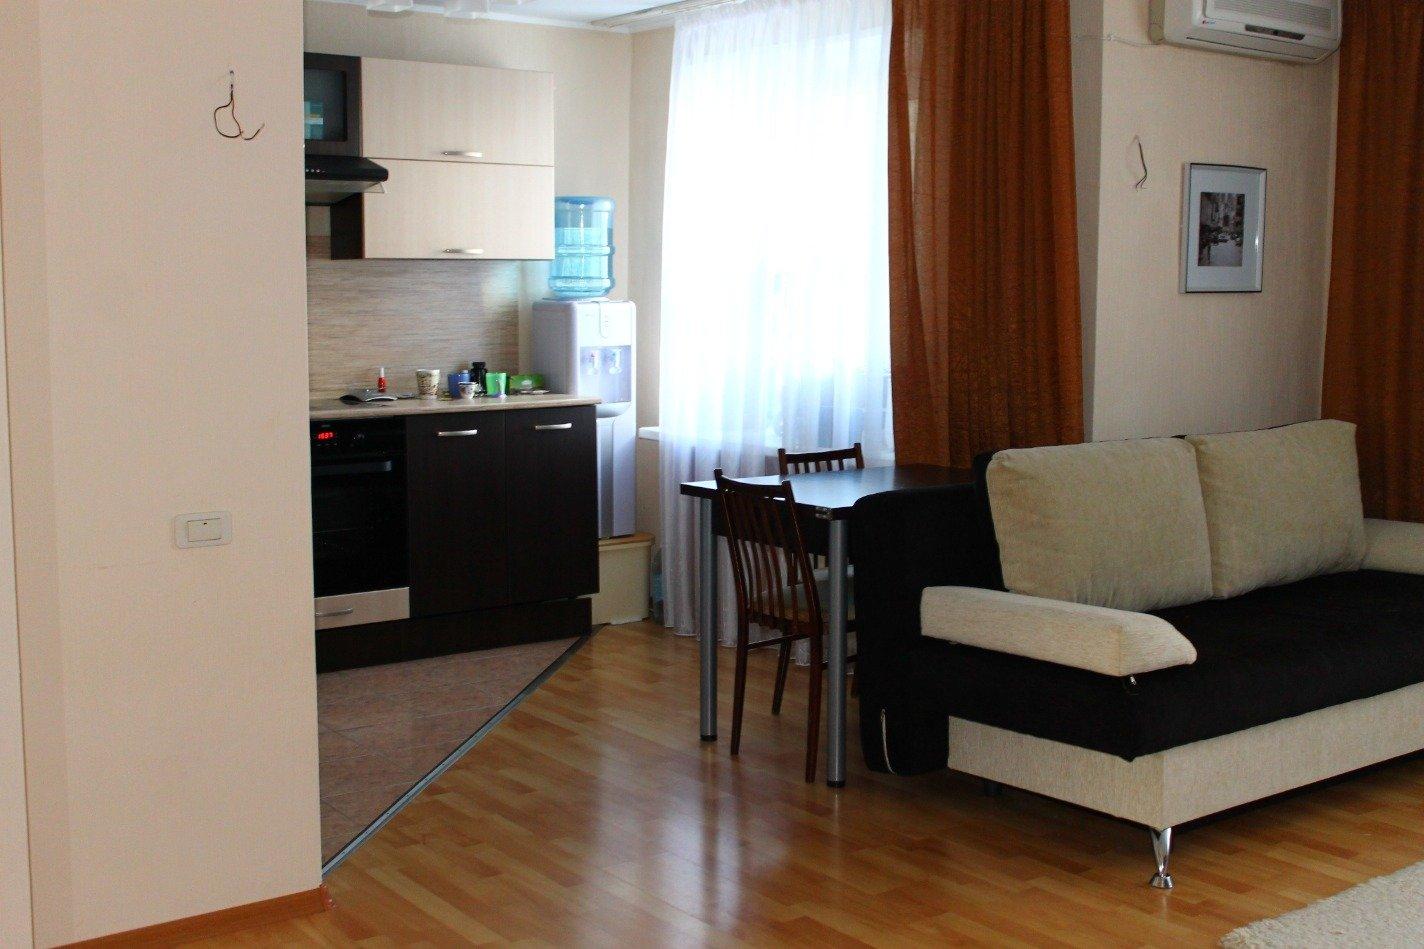 Гостиная в хрущевке: варианты дизайна и возможности интерьер.